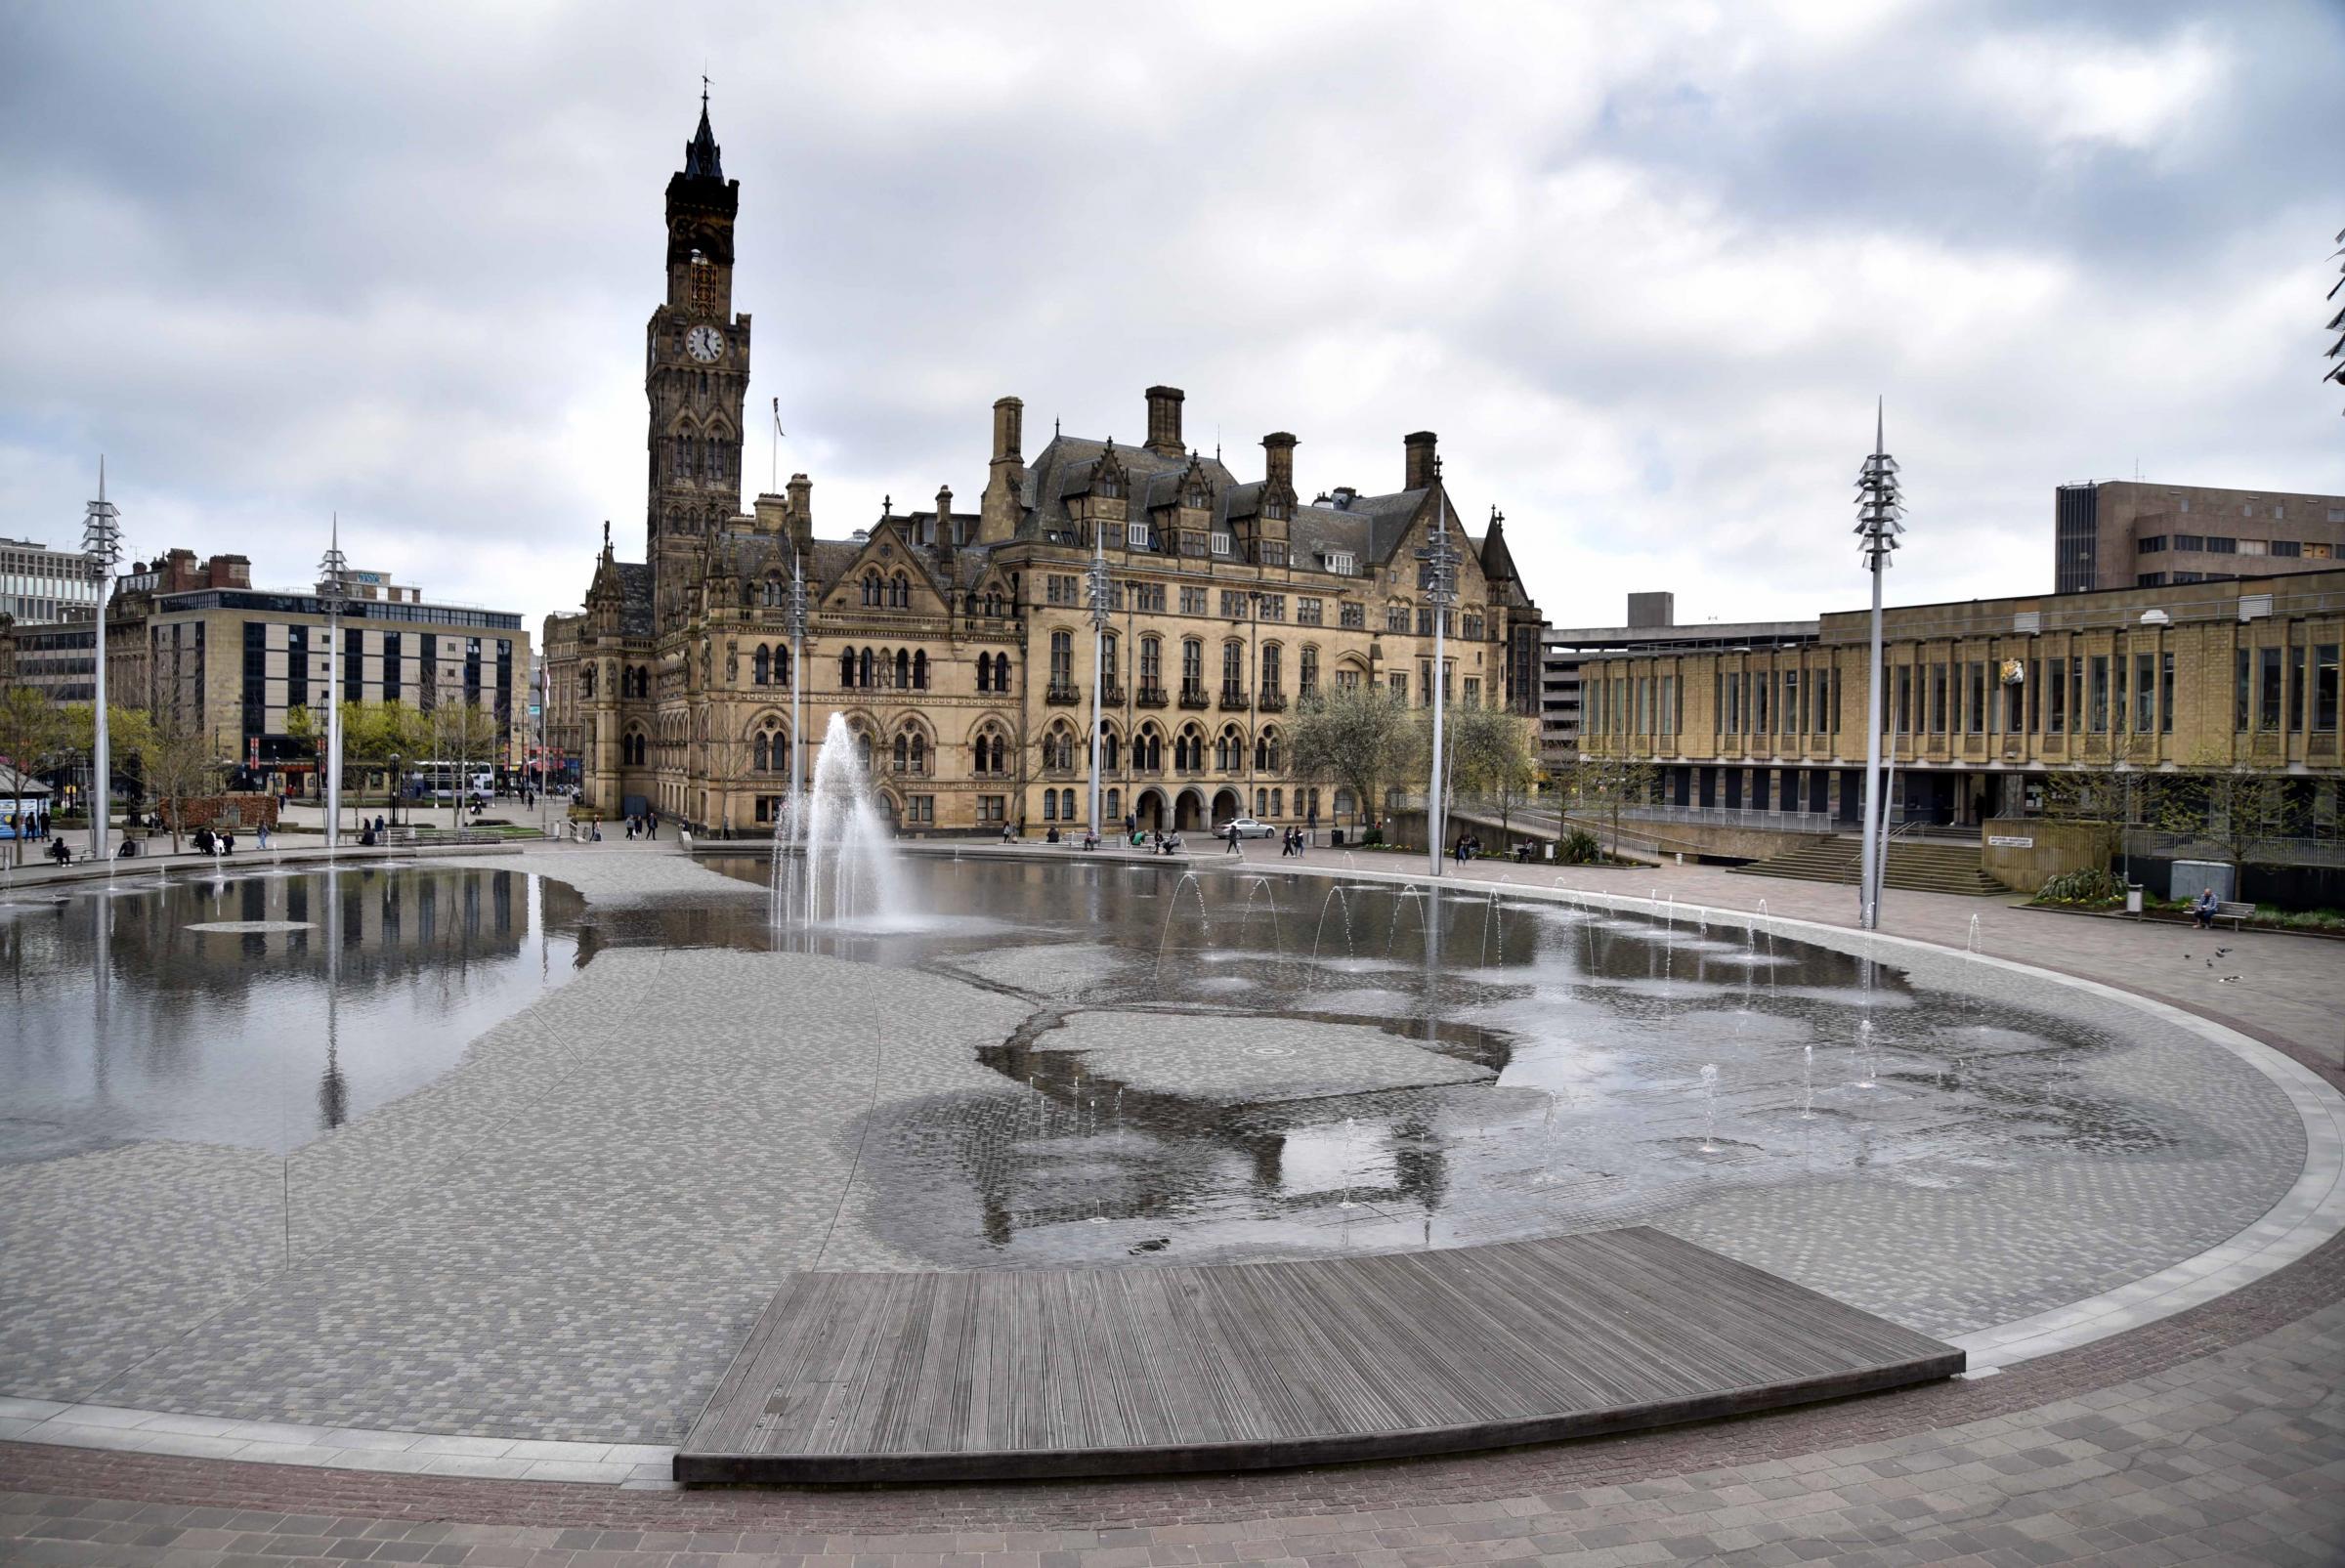 Polish Heritage To Be Celebrated In City Park Bradford